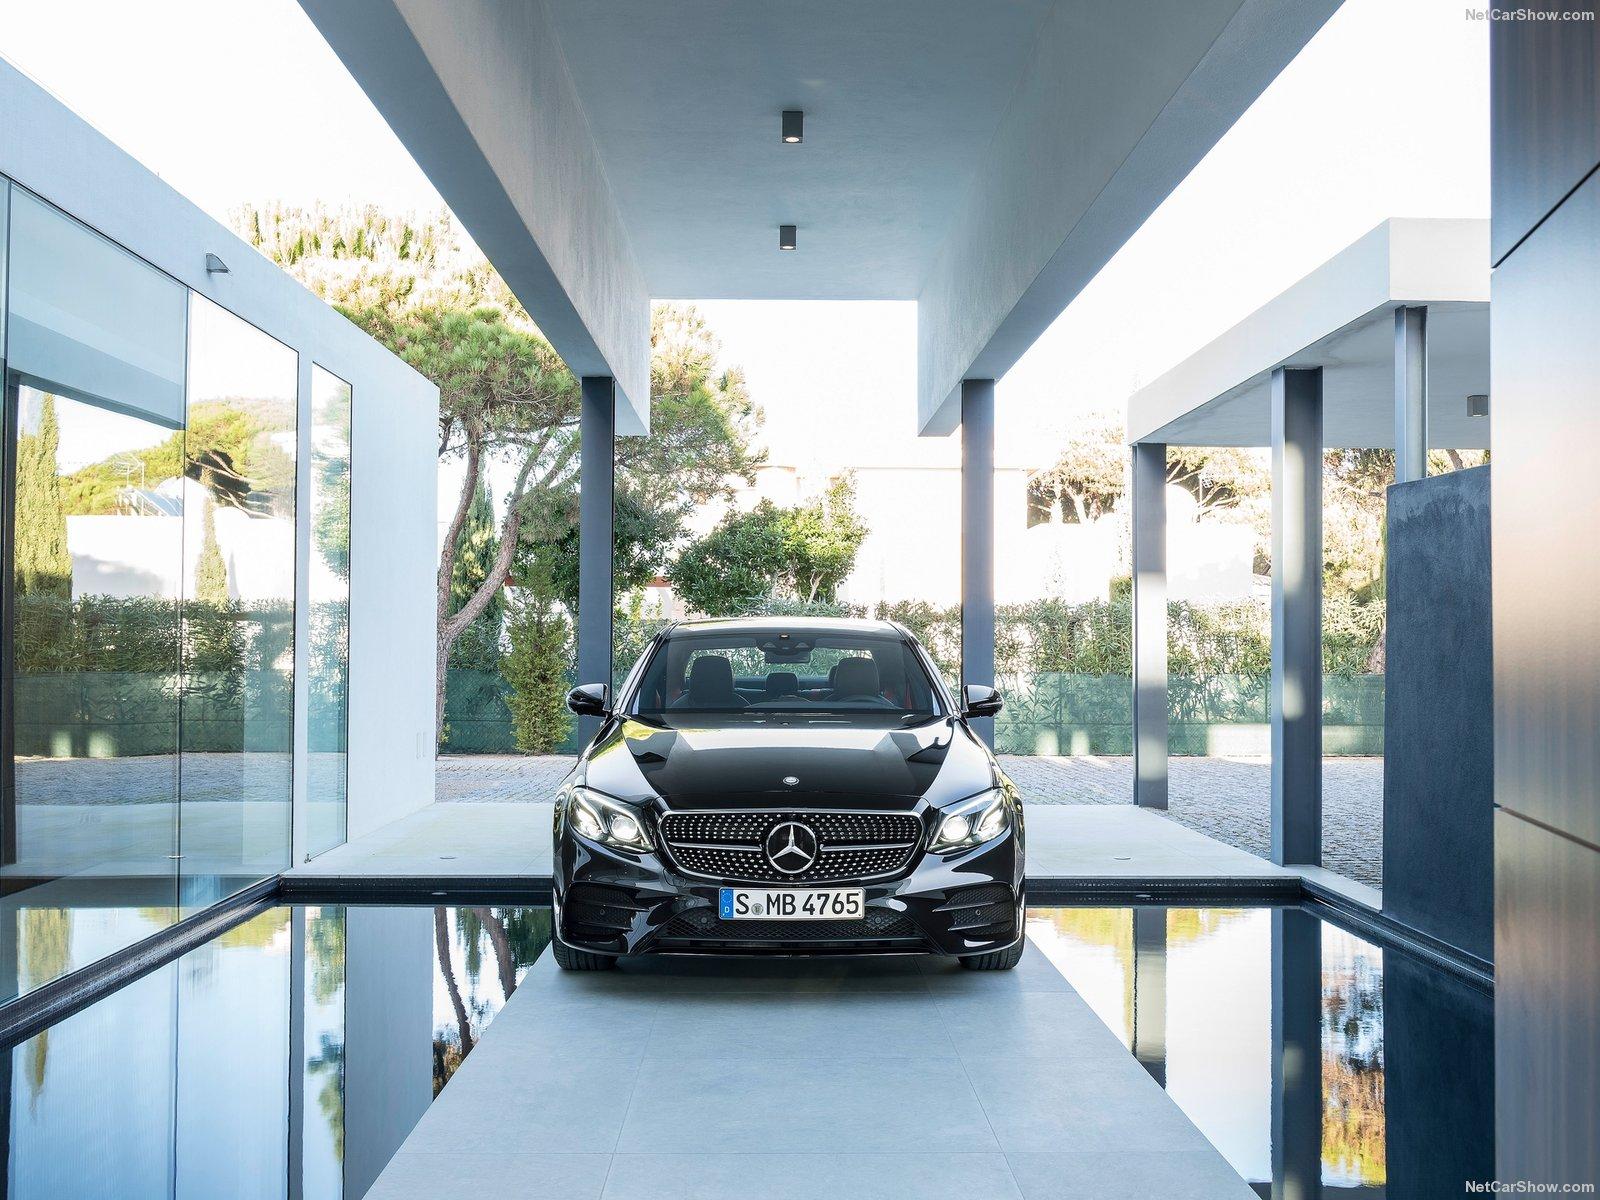 Mercedes-Benz-E43_AMG_4Matic_2017_1600x1200_wallpaper_0c